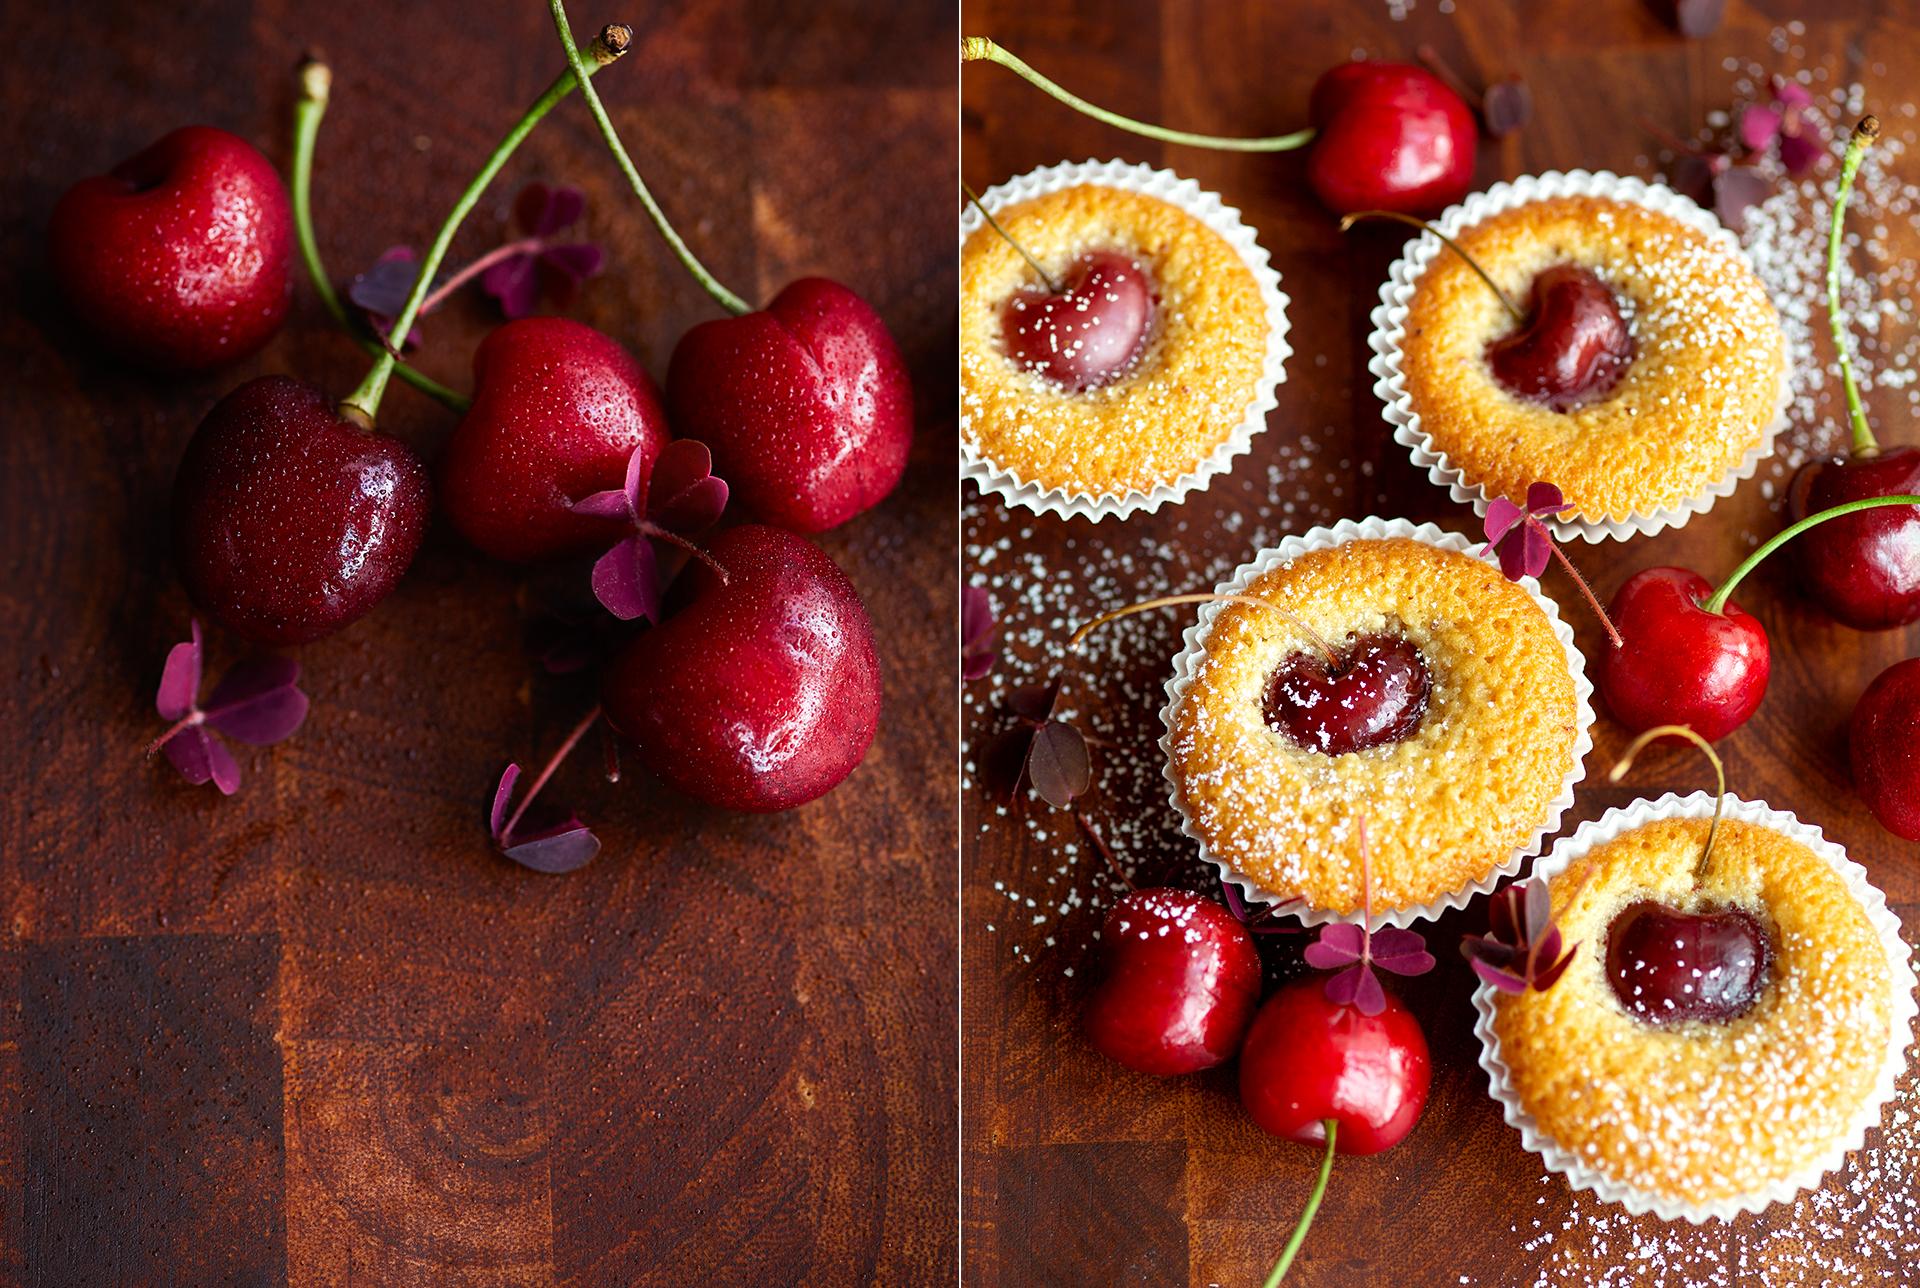 Kirschen mit Sauerklee auf einem dunklen Holzuntergrund. Financier mit Kirschen verziert mit Sauerklee und Puderzucker - Foodphotography Katrin Winner